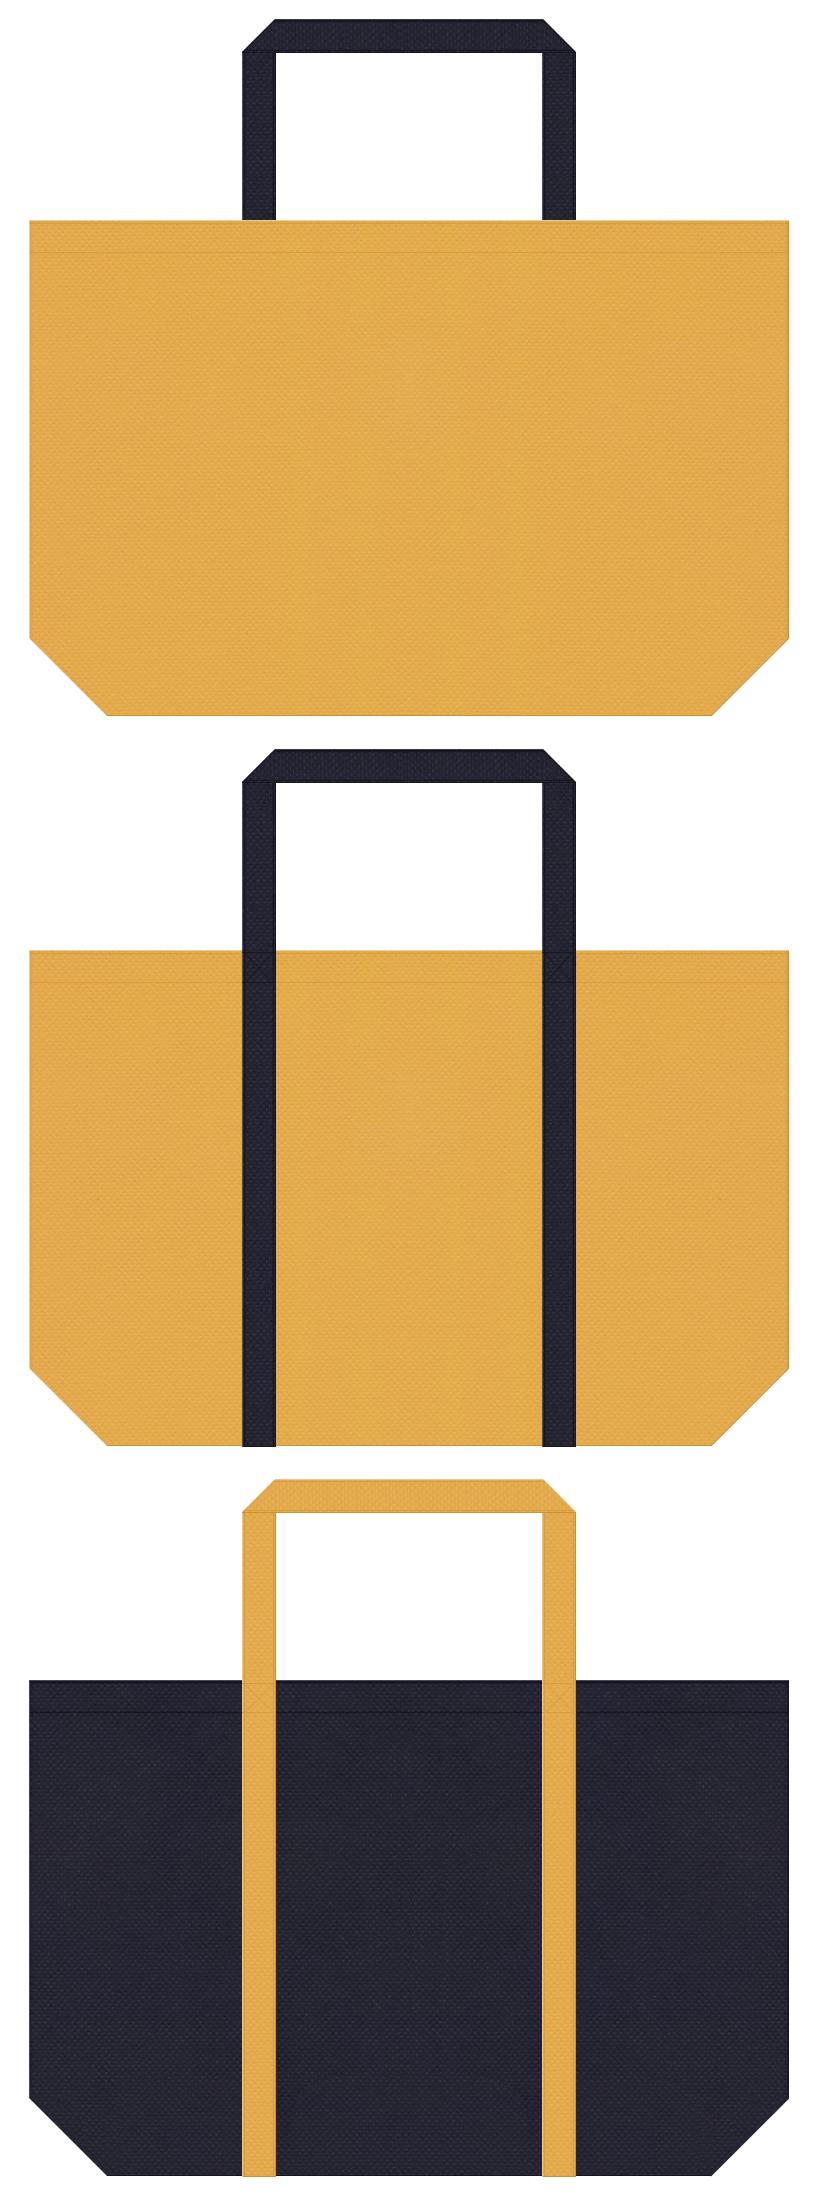 文庫本・書店・学校・オープンキャンパス・学習塾・レッスンバッグ・インディゴデニム・ジーパン・カジュアル・アウトレットのショッピングバッグにお奨めの不織布バッグデザイン:黄土色と濃紺色のコーデ